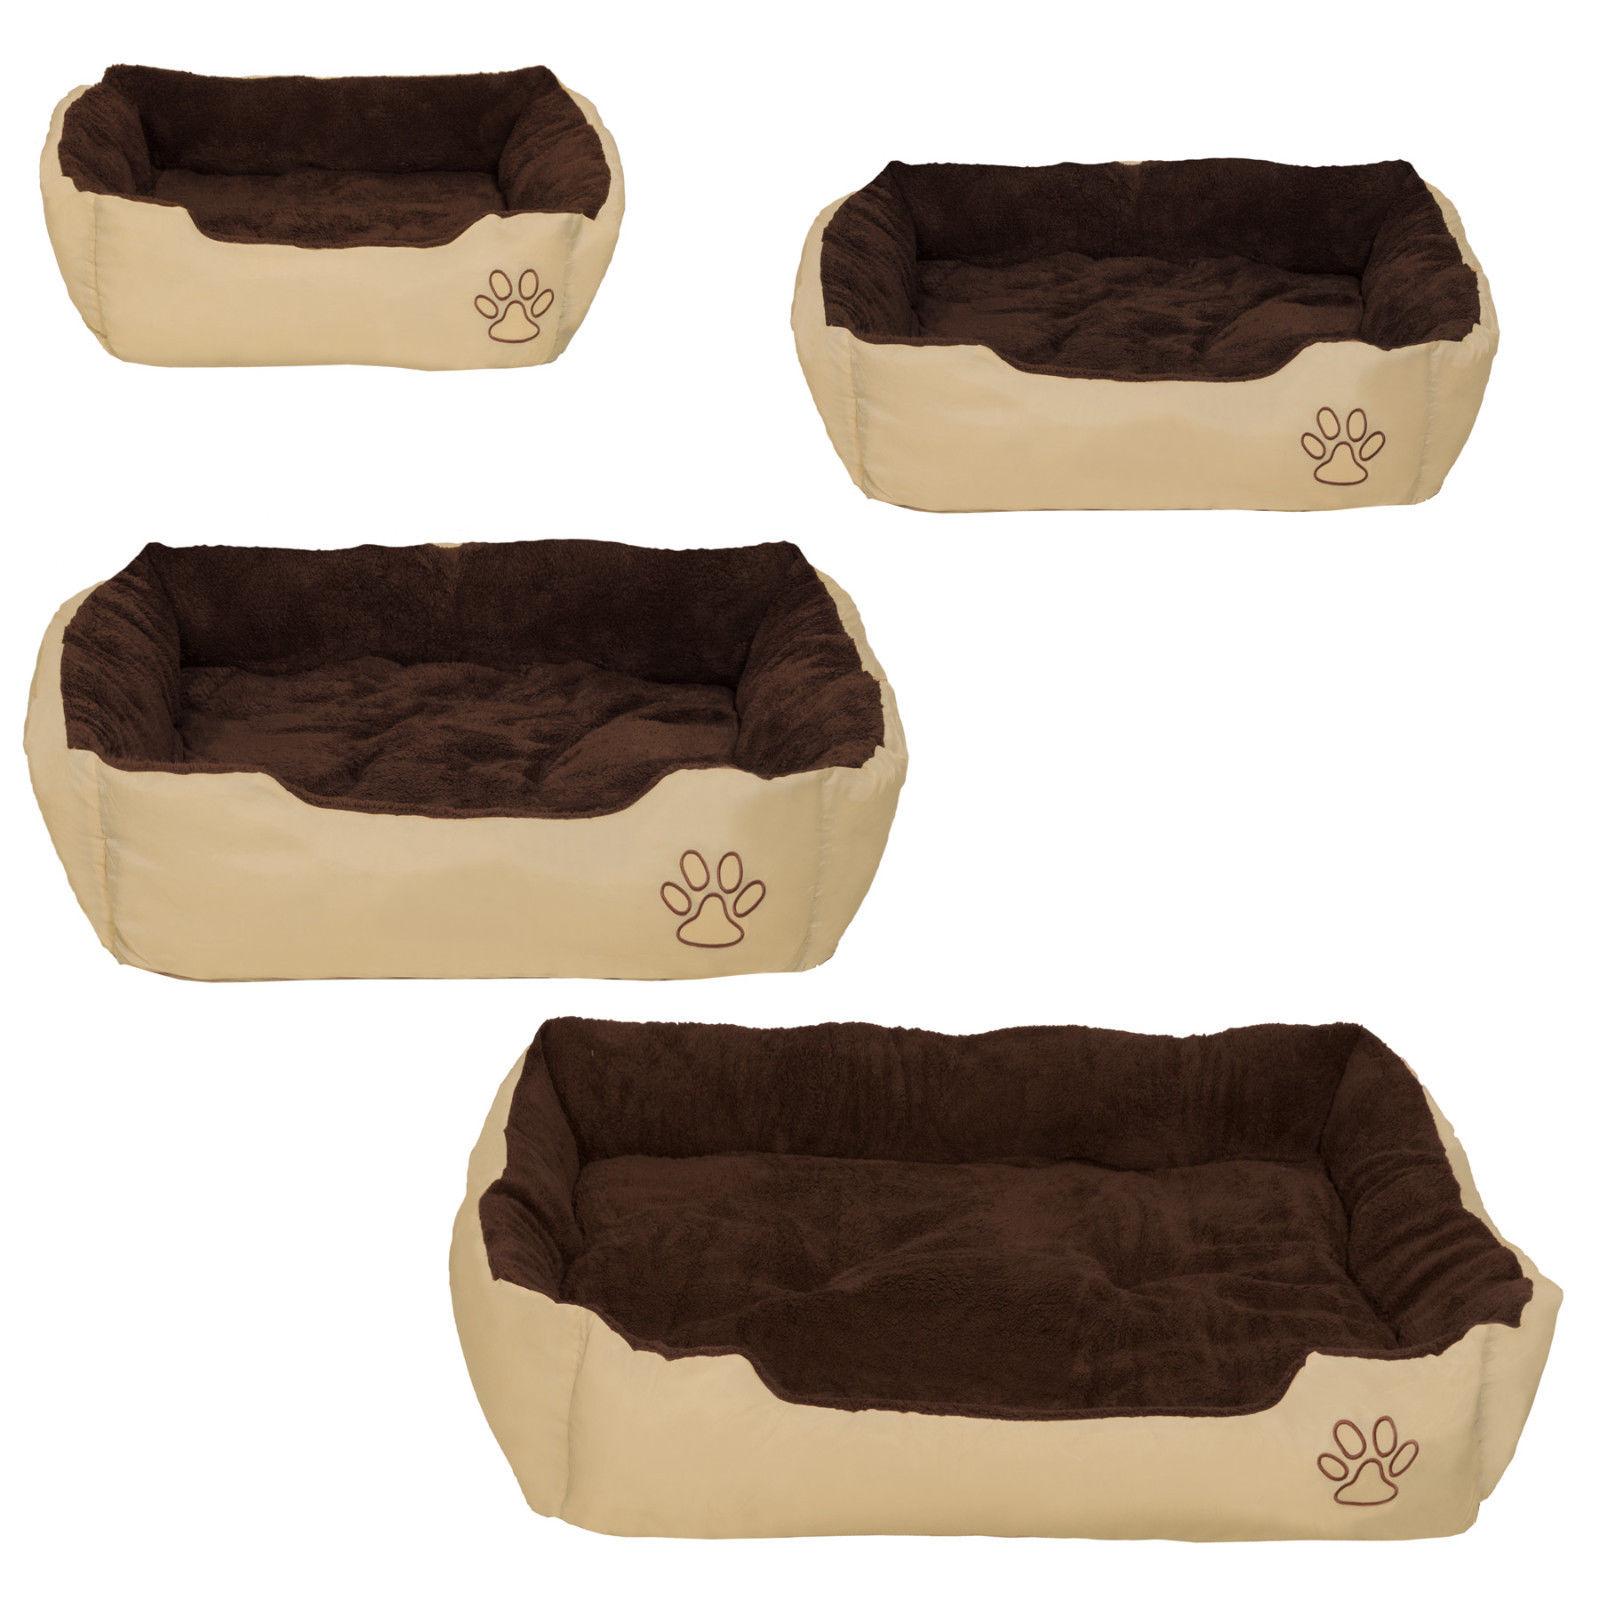 lit pour chien xxxxl. Black Bedroom Furniture Sets. Home Design Ideas